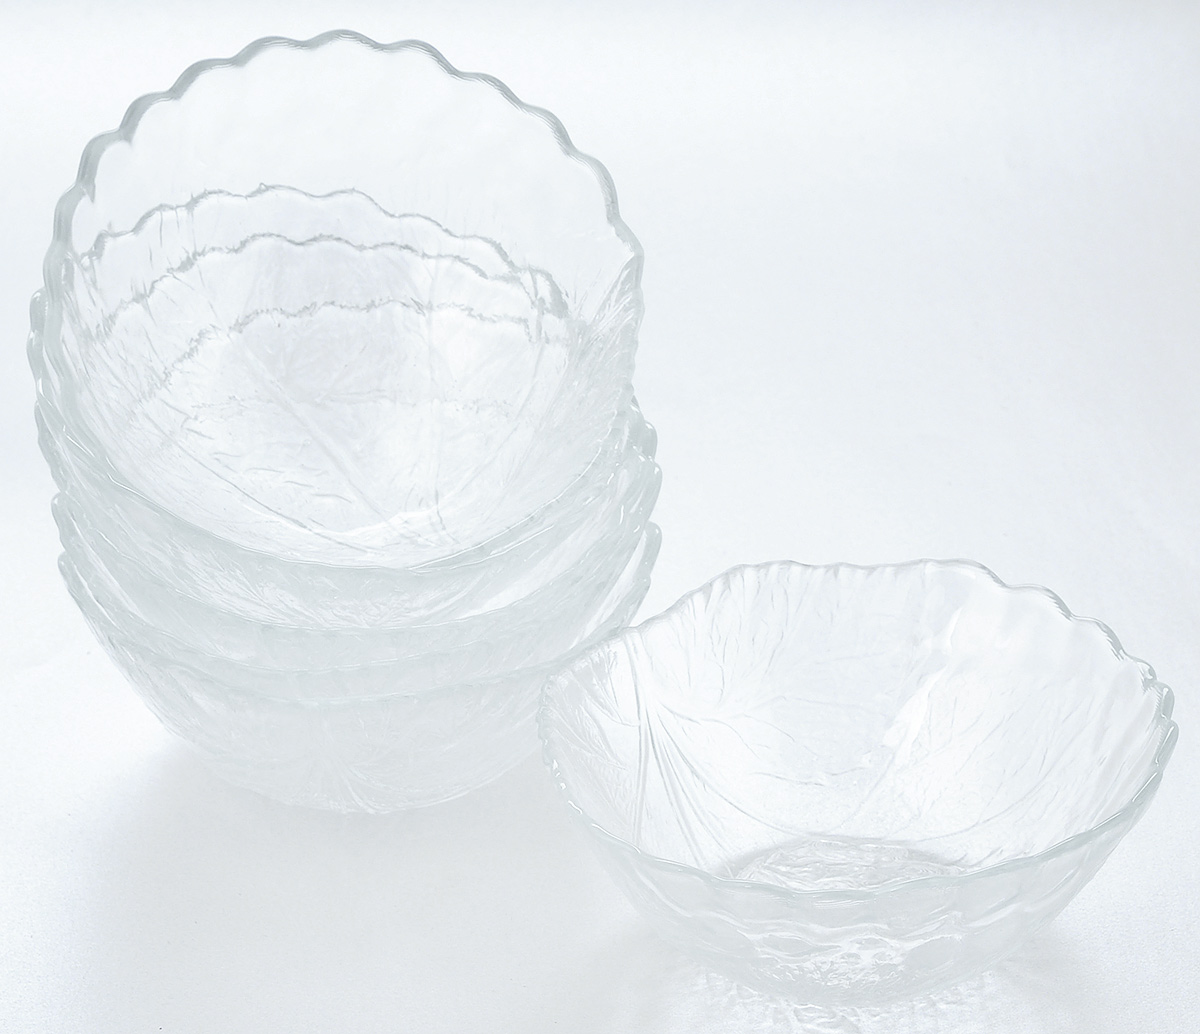 Набор салатников Pasabahce Султана, диаметр 12 см, 6 штFS-91909Набор Pasabahce Султана состоит из 6 салатников, выполненных из высококачественного натрий-кальций-силикатного стекла. Такие салатники прекрасно подойдут для сервировки стола и станут достойным оформлением для ваших любимых блюд. Высокое качество и функциональность набора позволят ему стать достойным дополнением к вашему кухонному инвентарю.Можно мыть в посудомоечной машине и использовать в СВЧ.Диаметр салатника (по верхнему краю): 12 см.Высота салатника: 4,5 см.